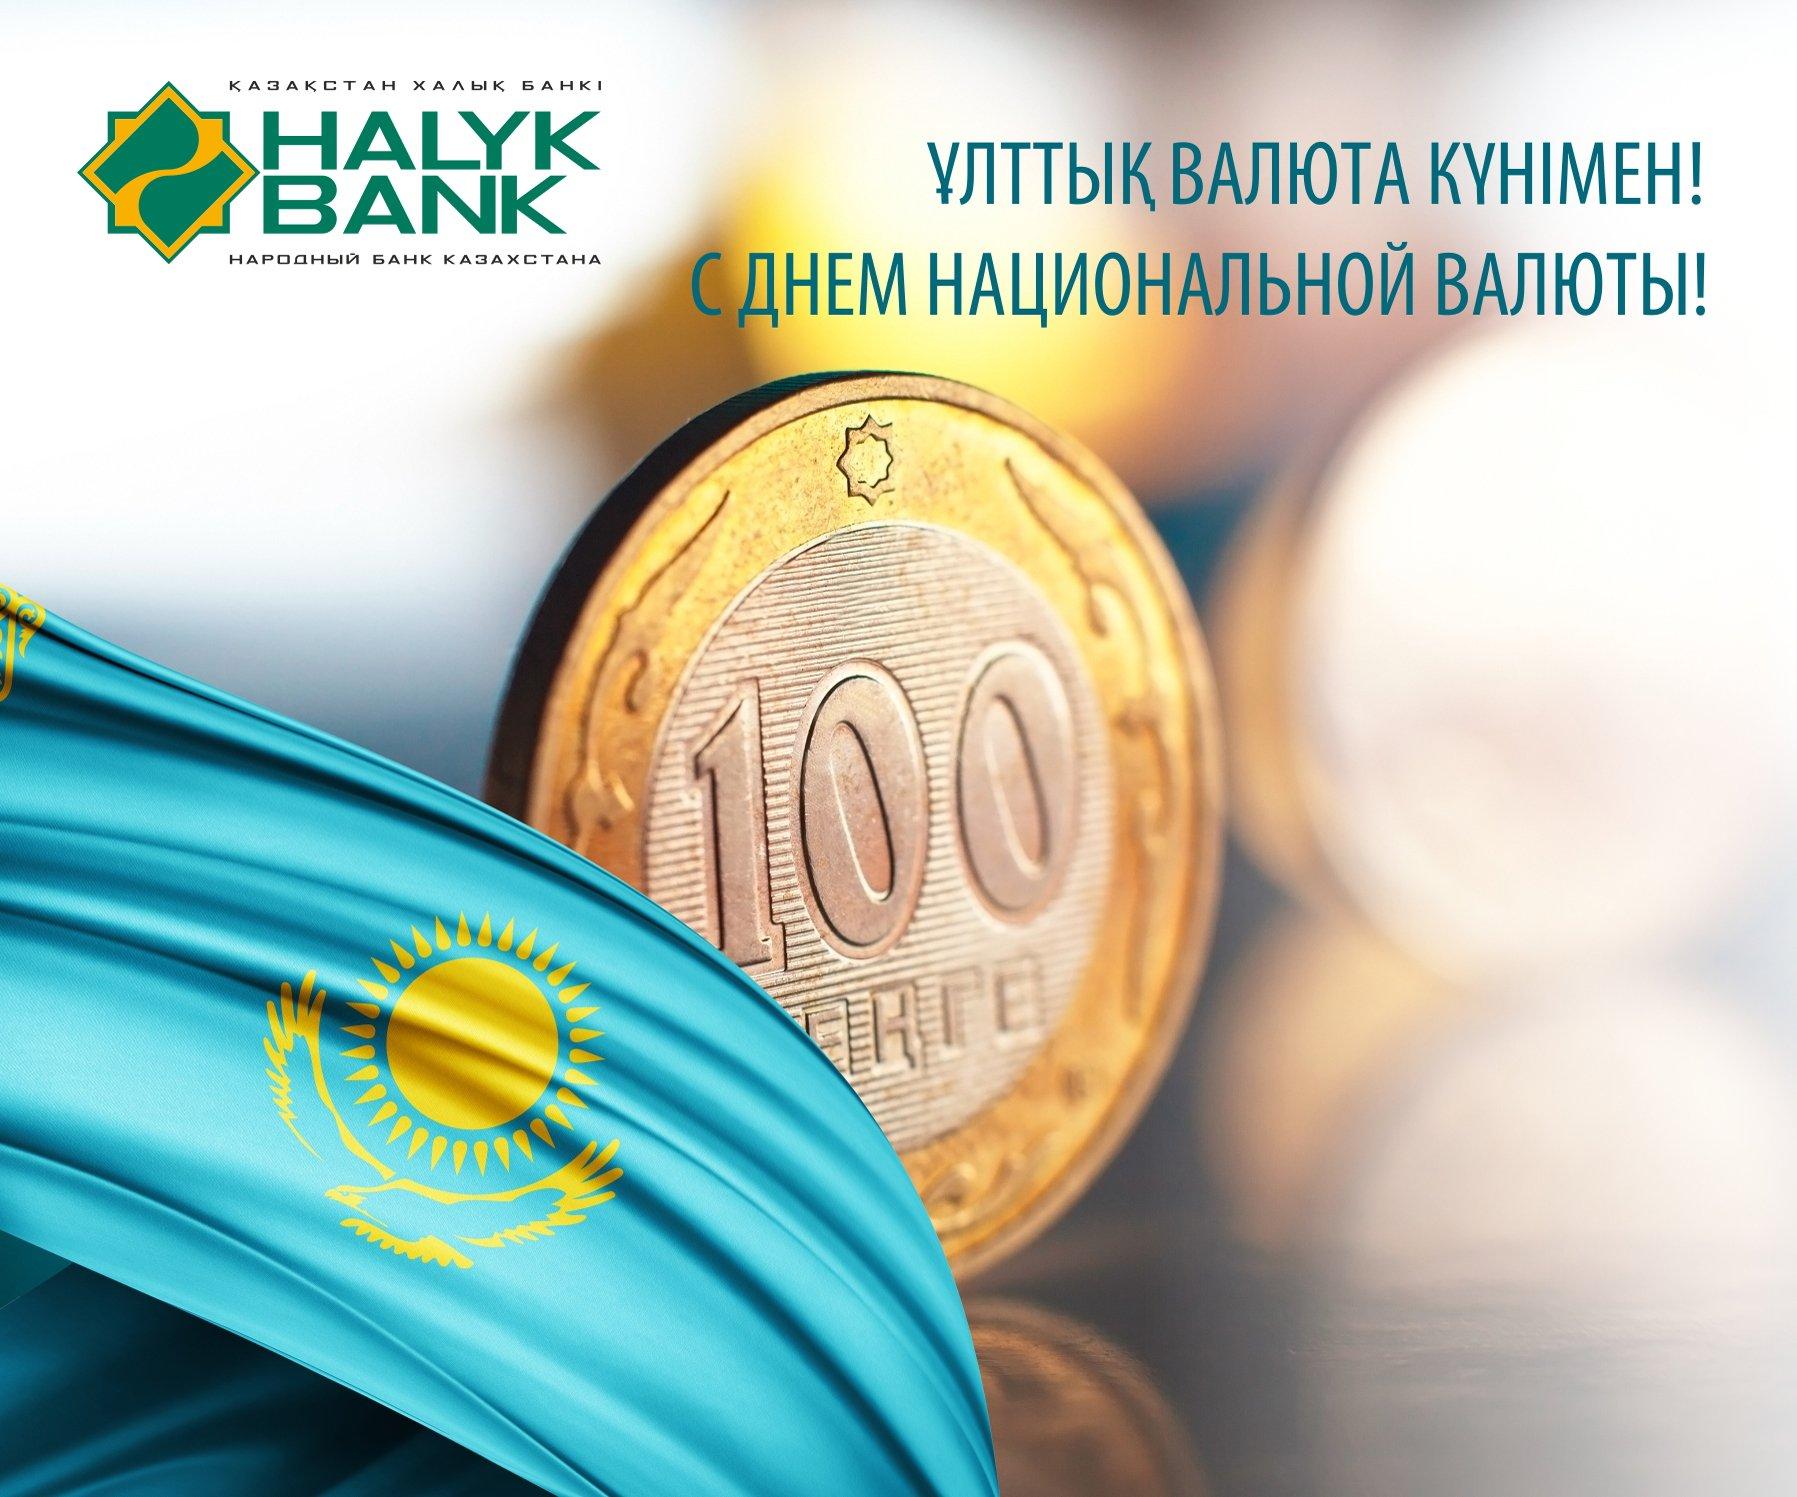 чашку нальем поздравления с днем национальной валюты выходе, остановиться